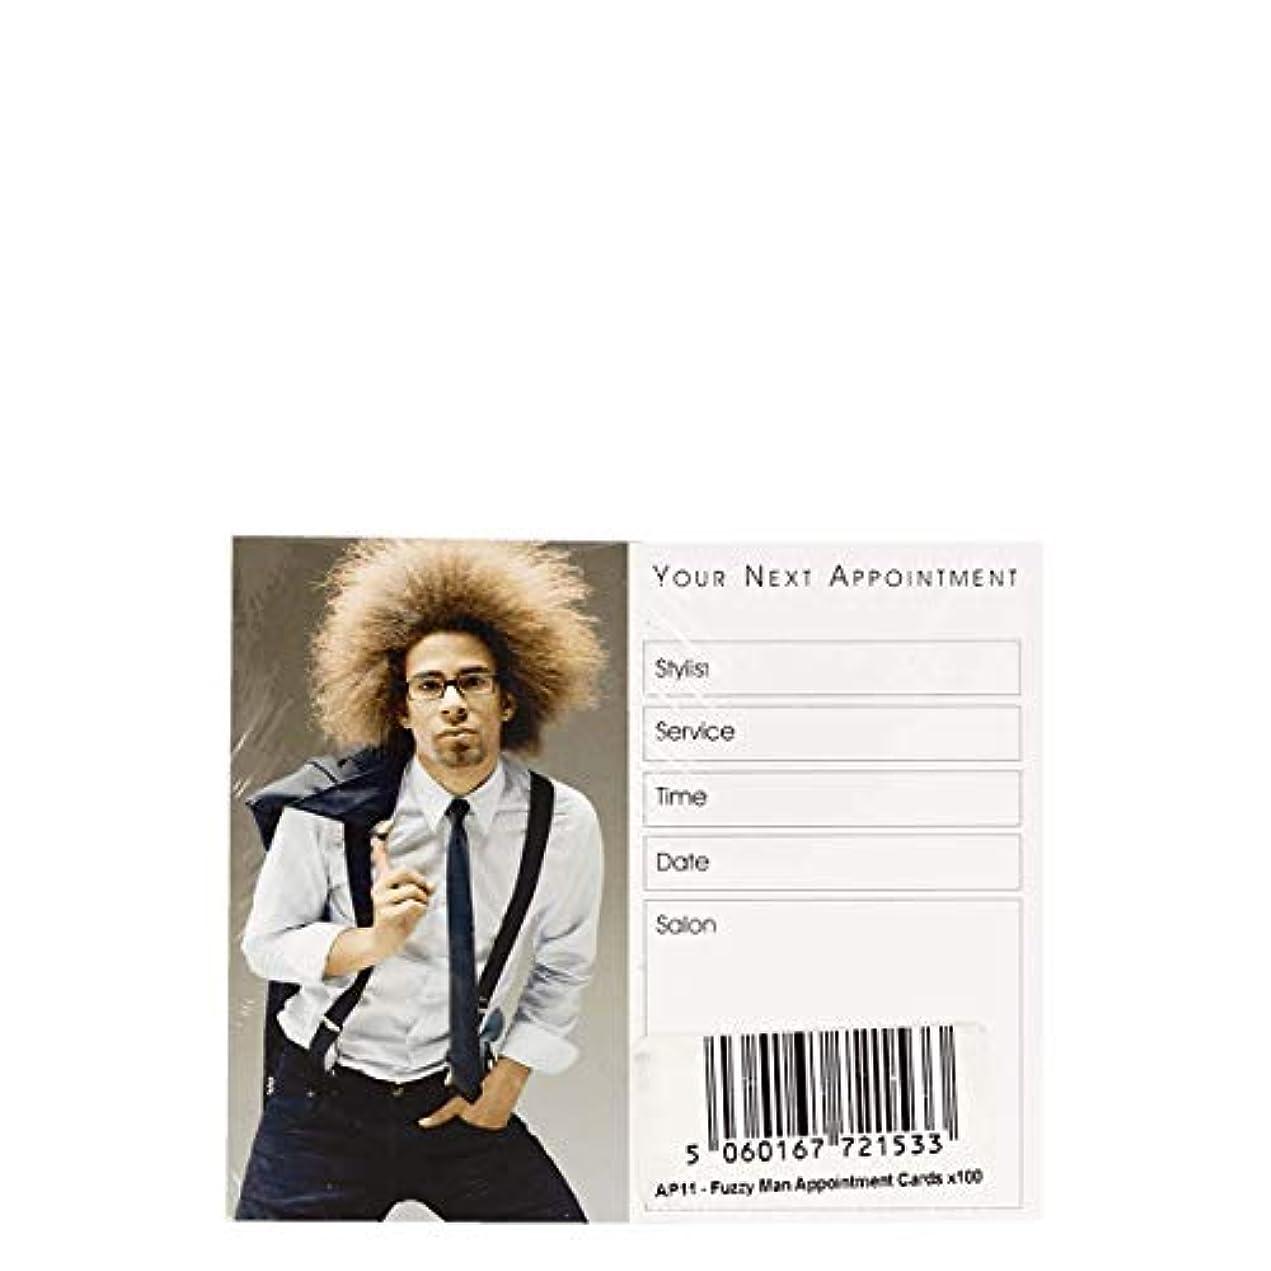 申し込む割り当てバルーンアポイントメントカード Appointment Cards- AP11 FUZZY MAN CARDS x100[海外直送品] [並行輸入品]